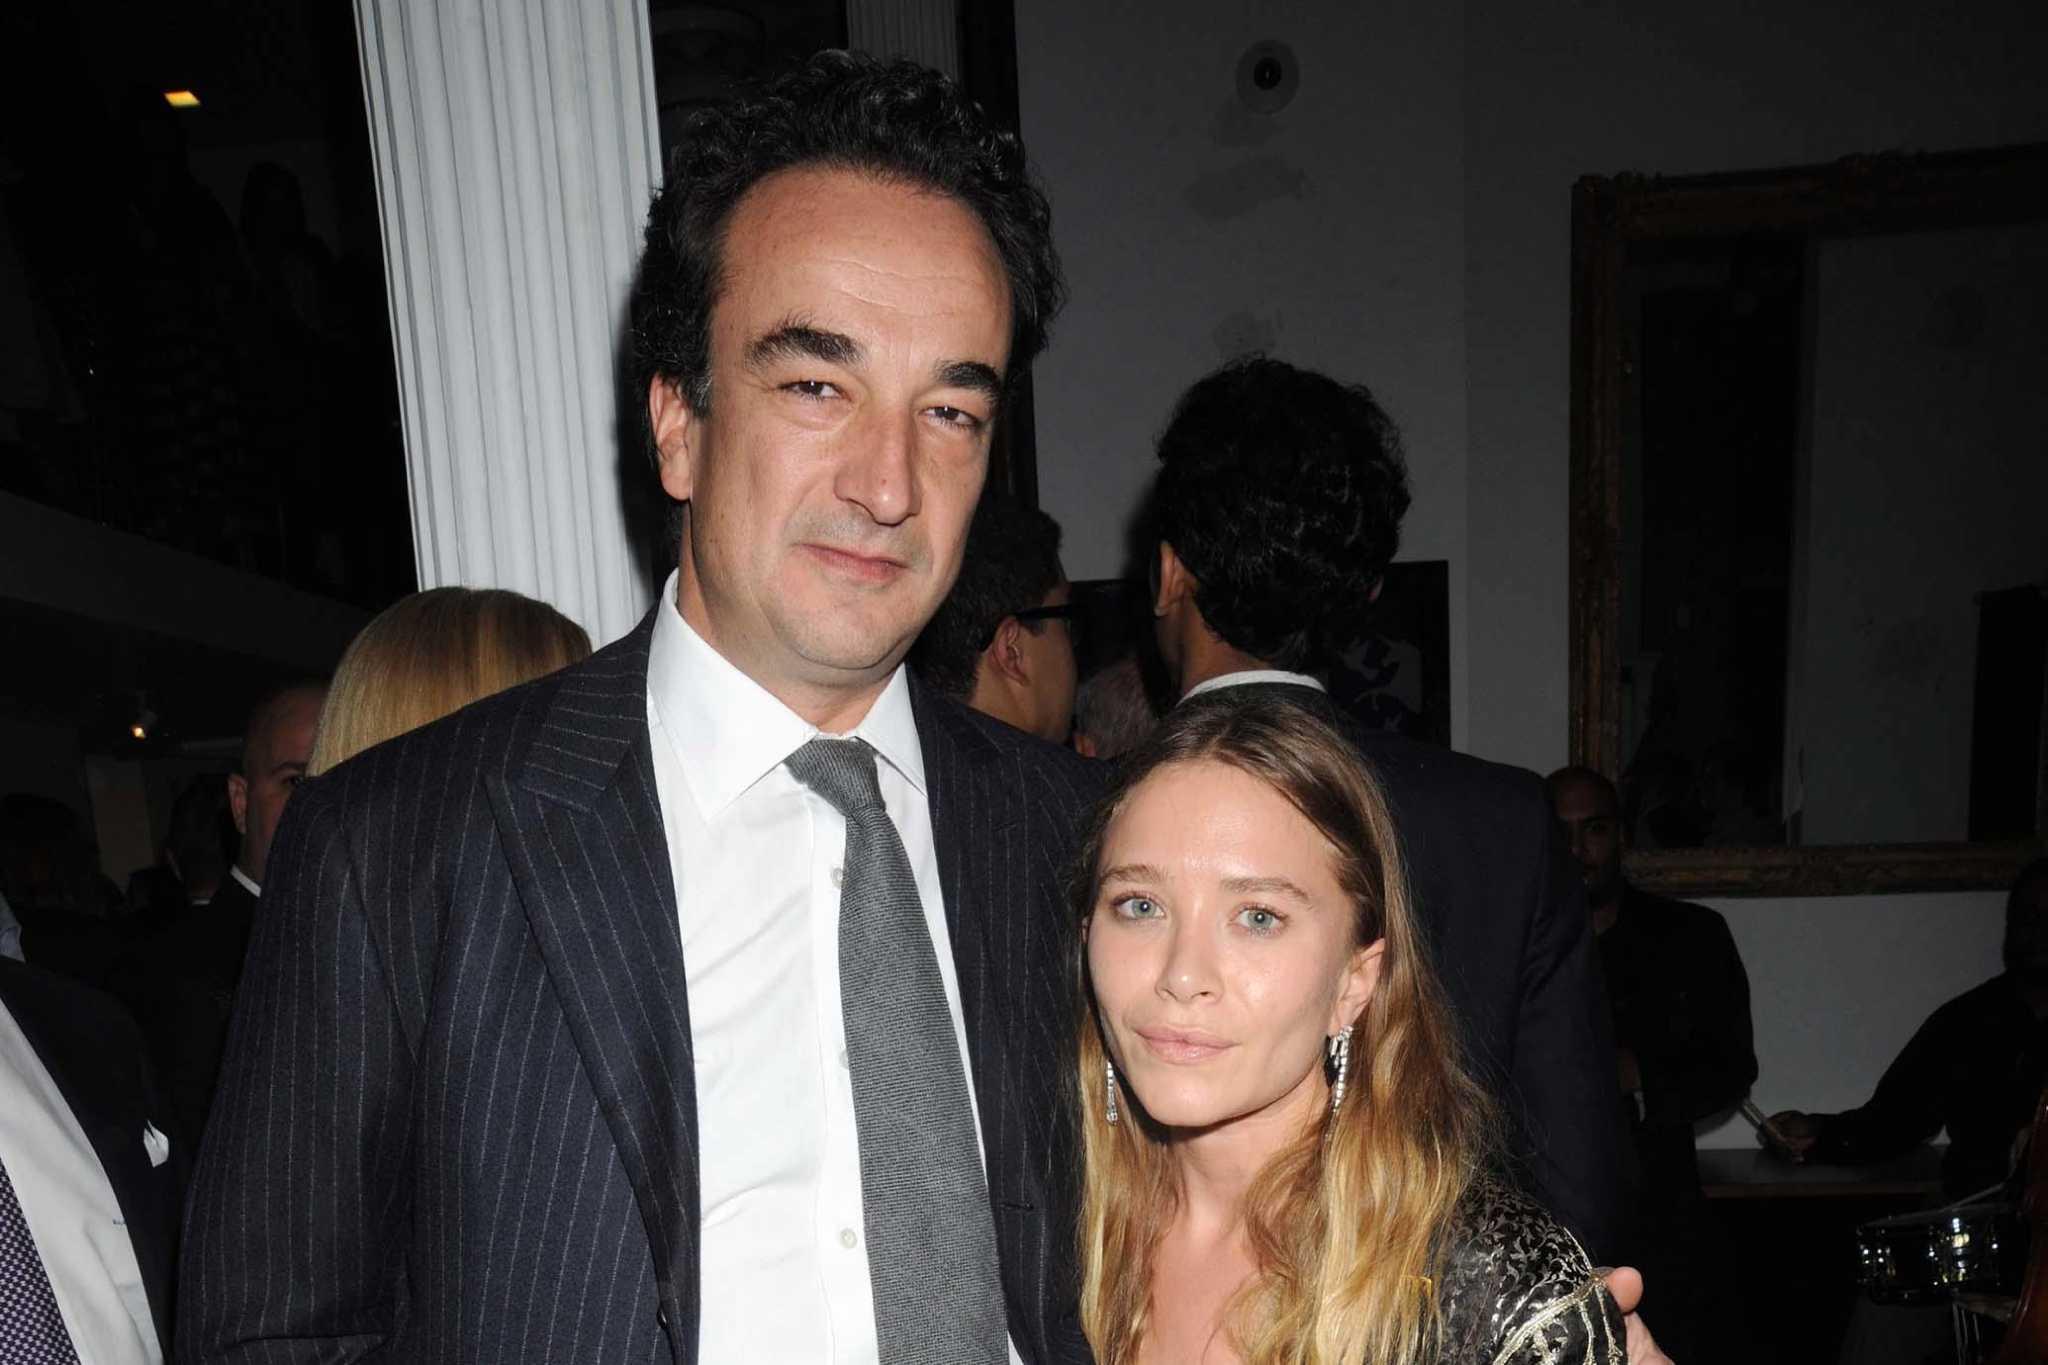 несколько дней мэри кейт олсен и оливье саркози свадьба фото даже поговаривают